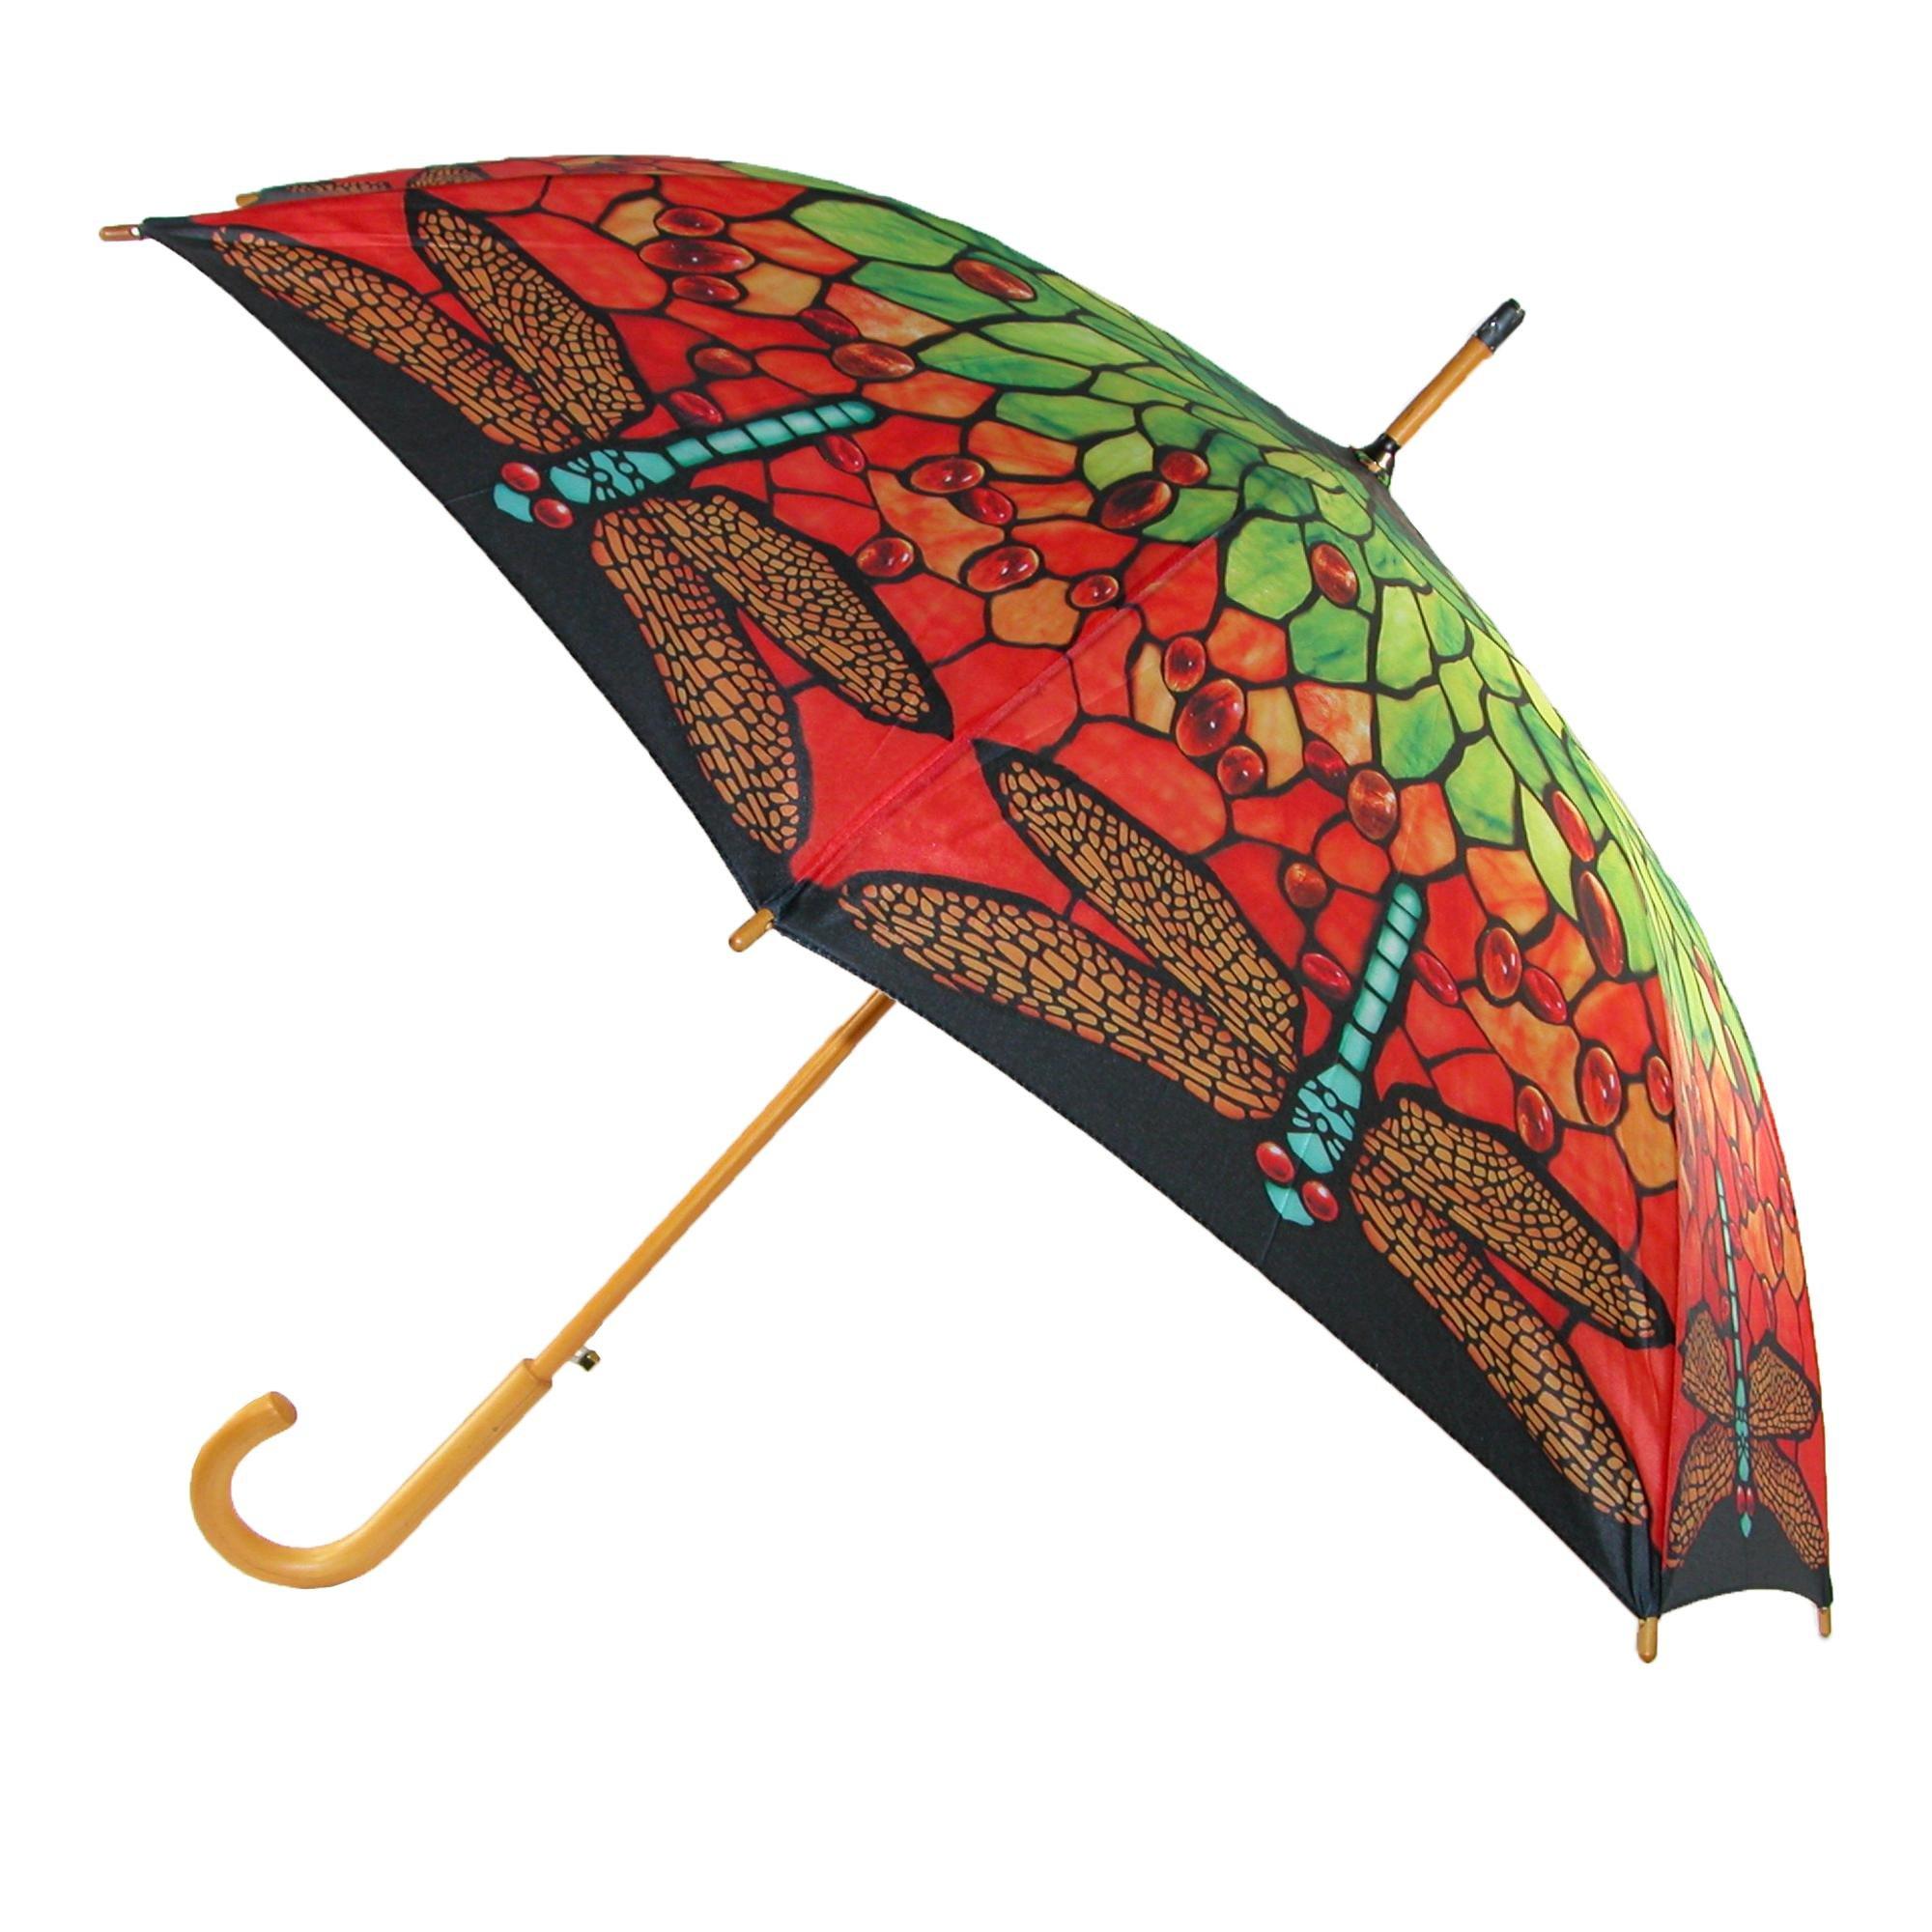 CTM Women's Auto Open Stain Glass Print Stick Umbrella, Multi-Color